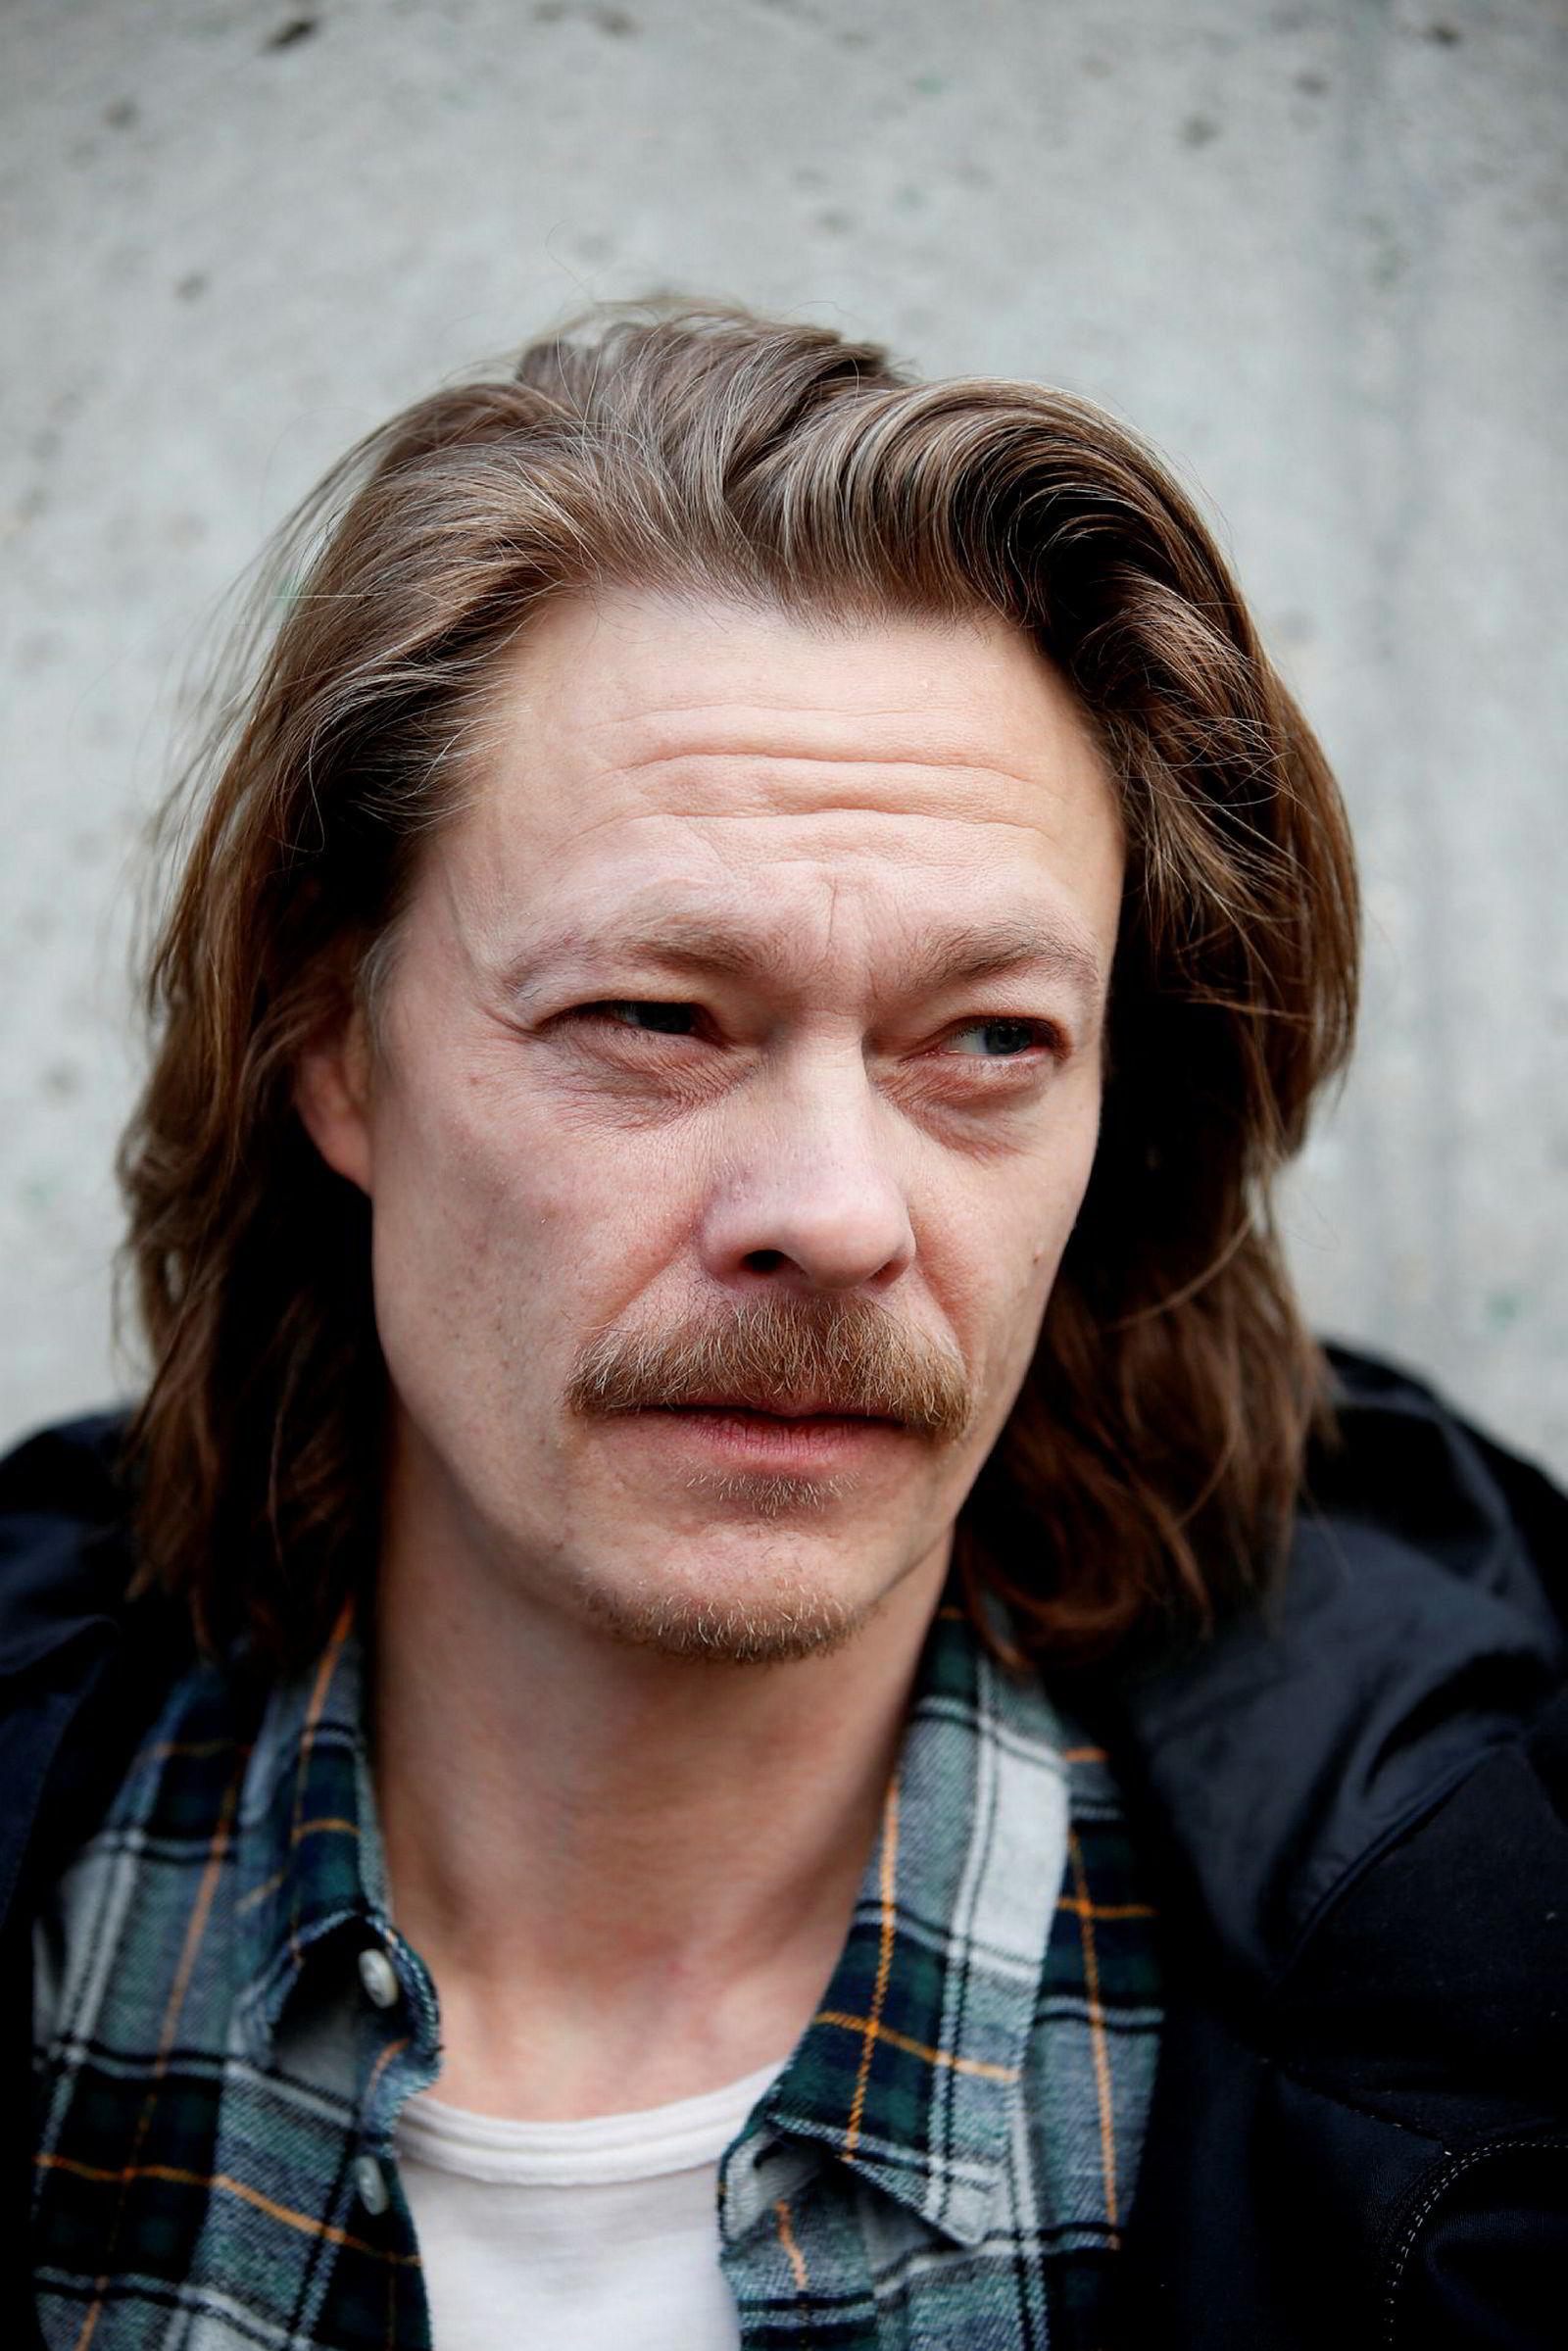 Måtte trekke seg: Kristoffer Joner måtte trekke seg fra hovedrollen i «Kielergata» etter å ha skadet seg under innspillingen av katastrofefilmen «Skjelvet».